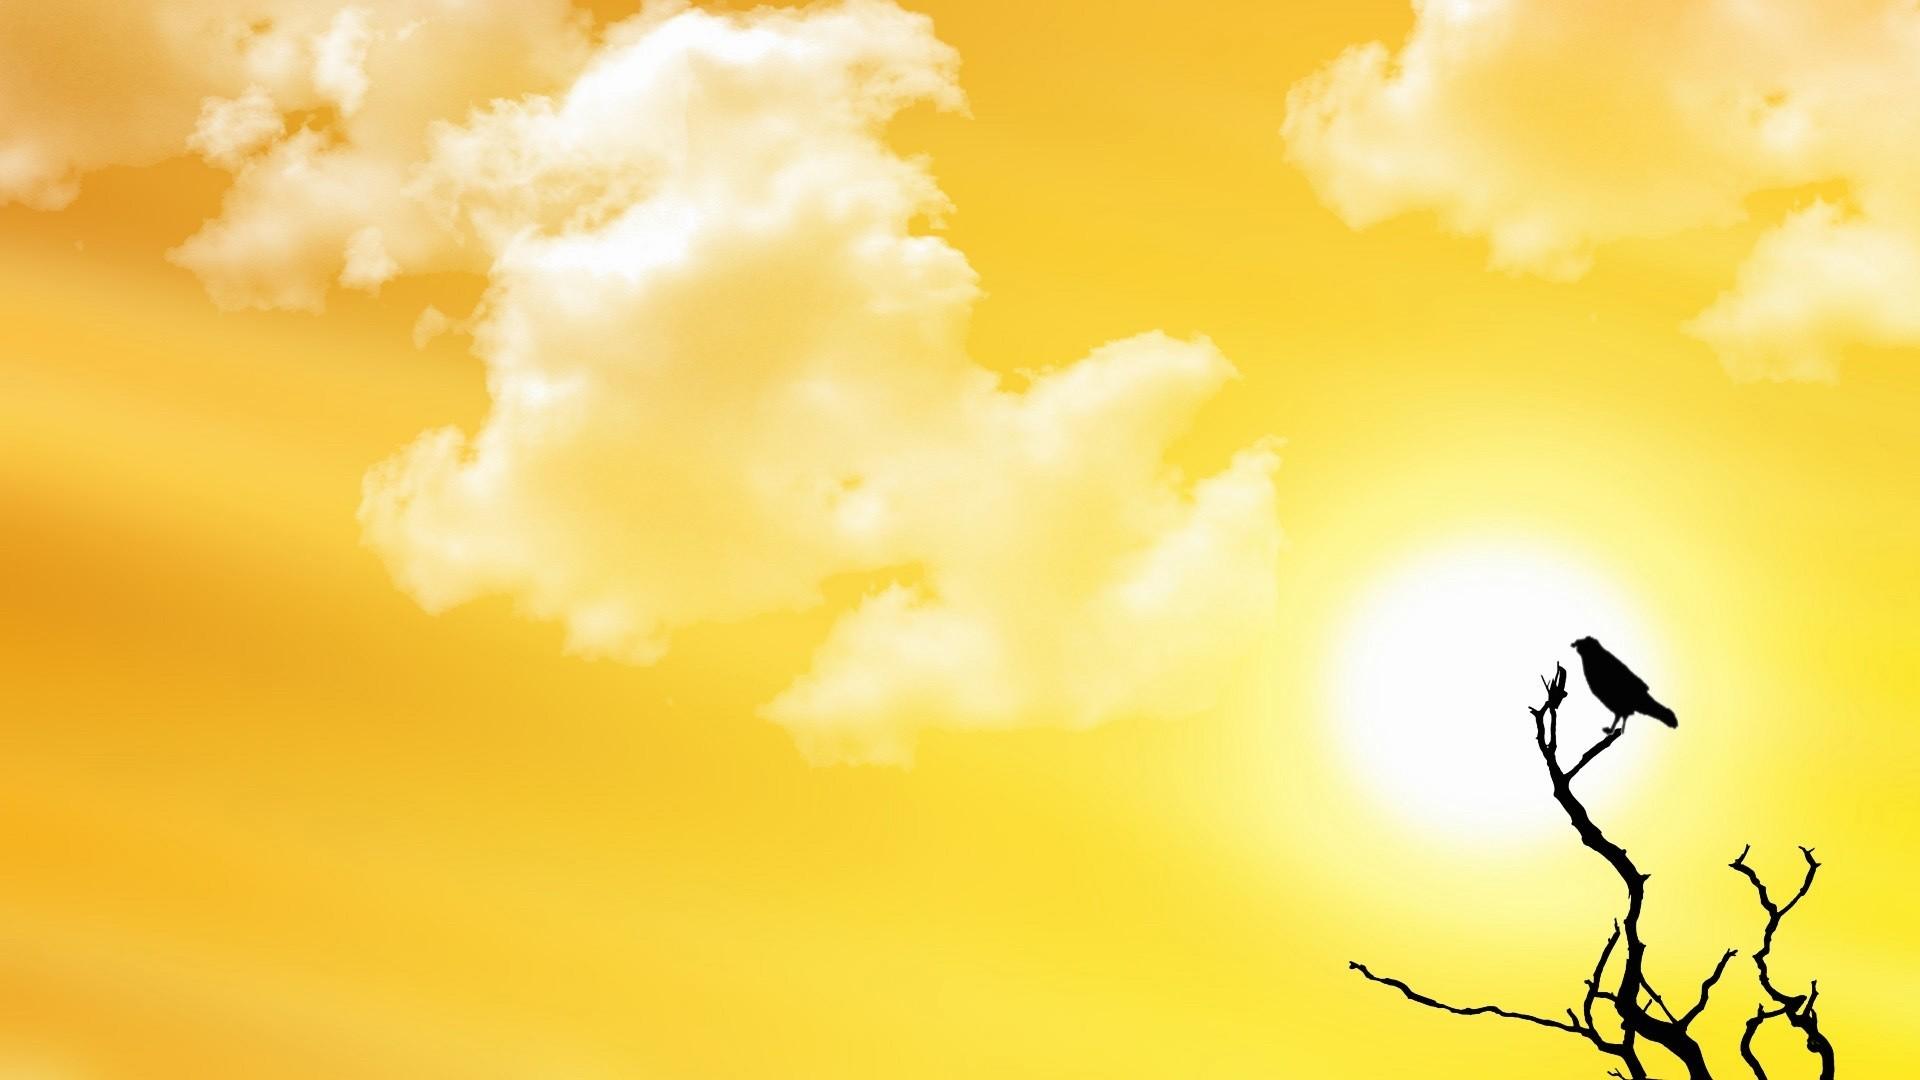 Hình nền màu trời vàng và cành cây chim đậu